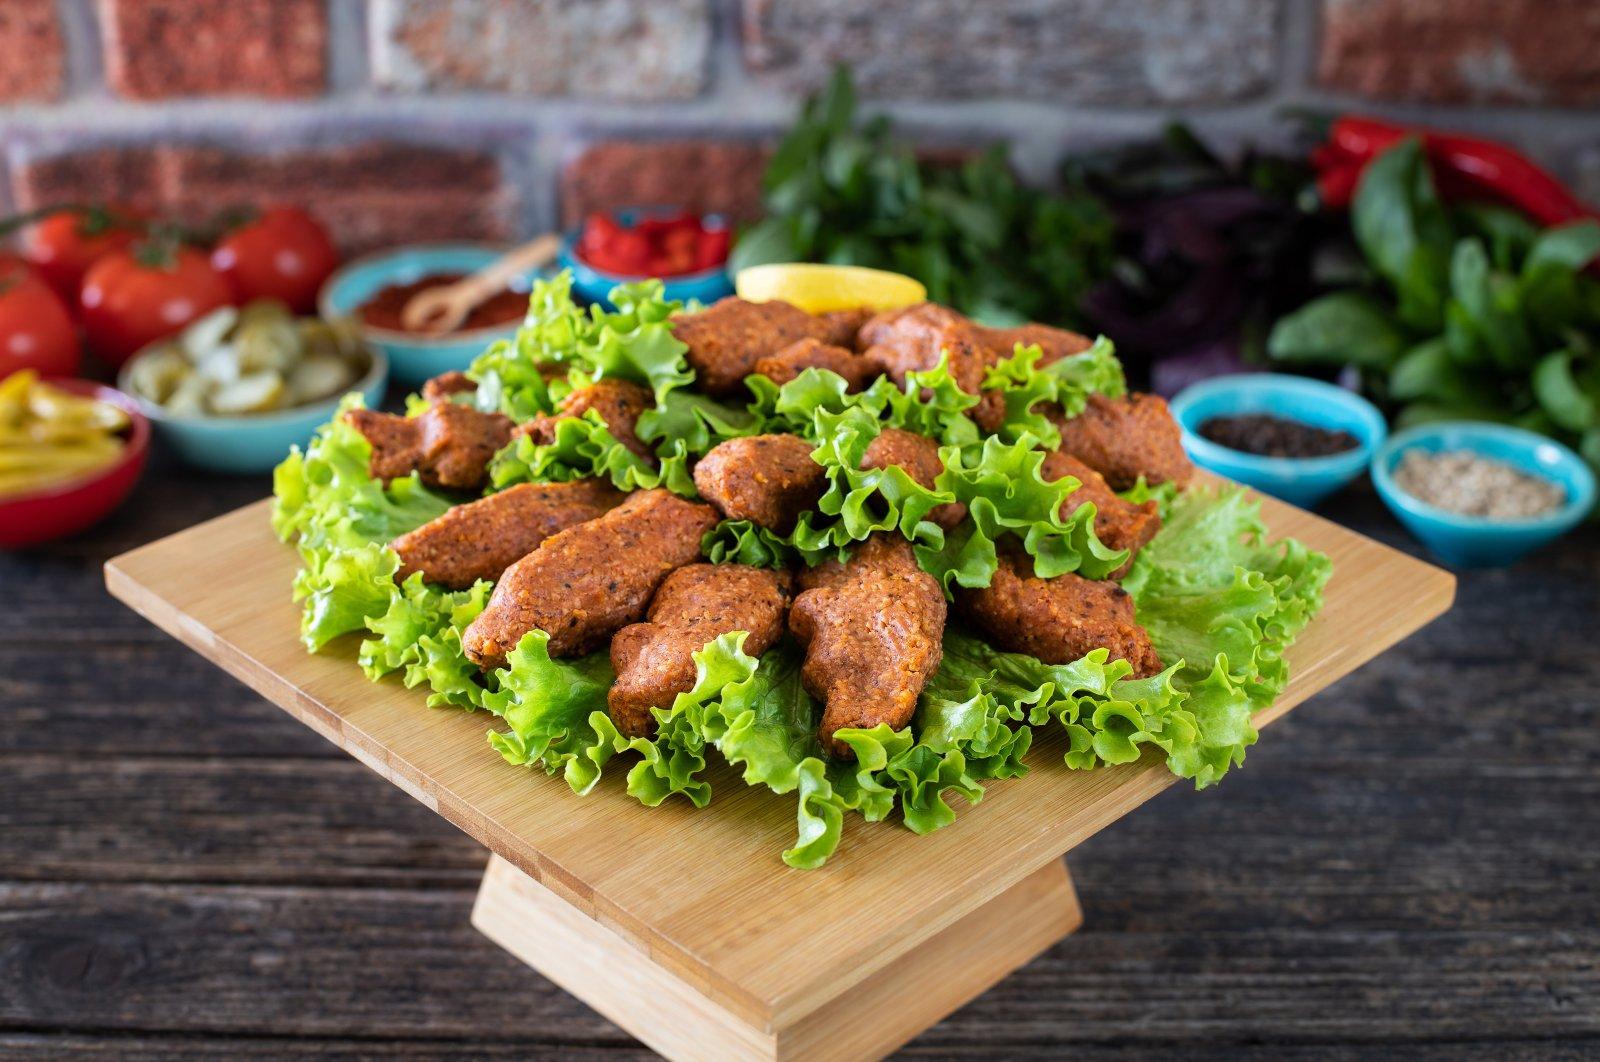 Turkish local raw food concept, çiğ köfte. (Gülçin Ragiboğlu / iStock)